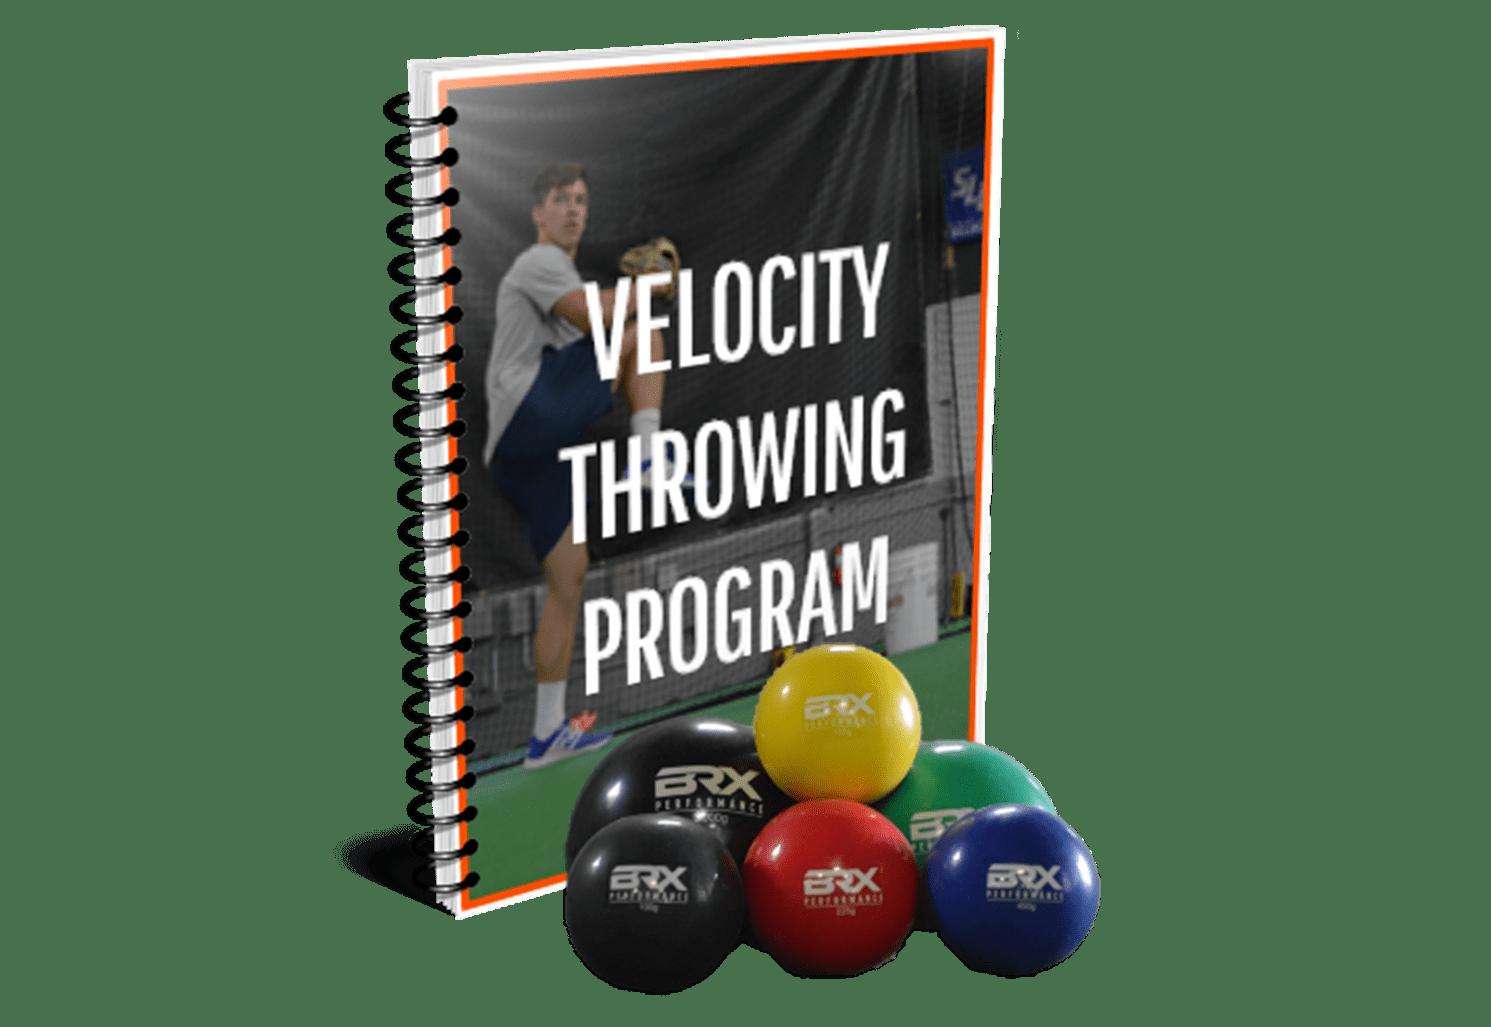 Velocity-Throwing-Program-Photoshop